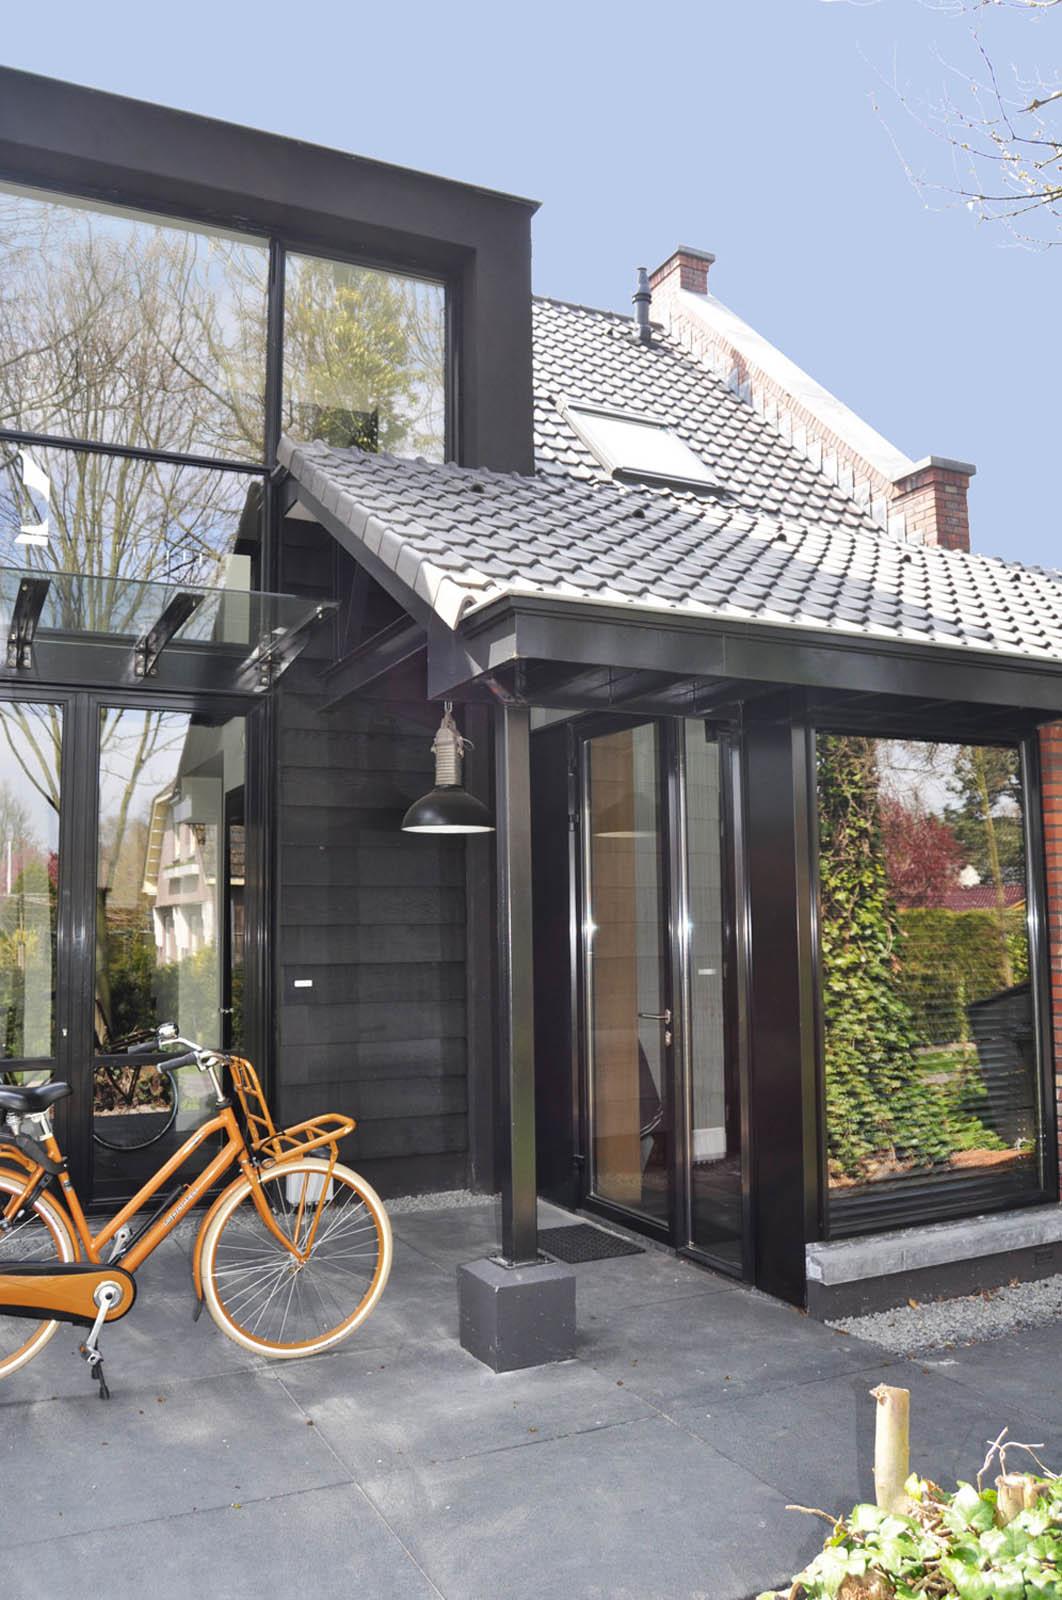 Entrance, Villa heiloo by Jeroen de Nijs